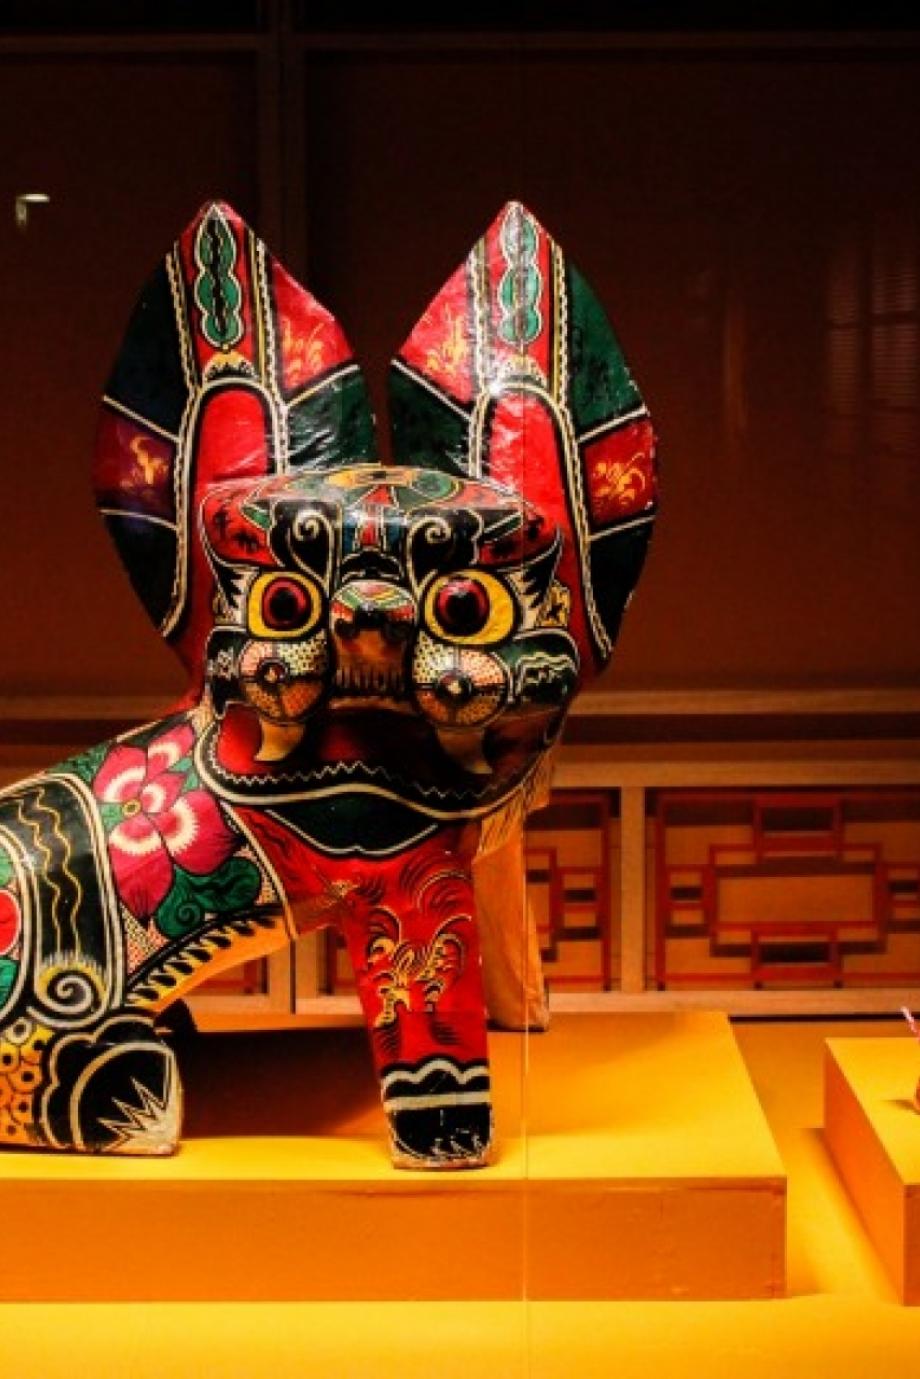 LisboaCool_Blog_O primeiro embaixador europeu à Dinastia Ming – Tomé Pires